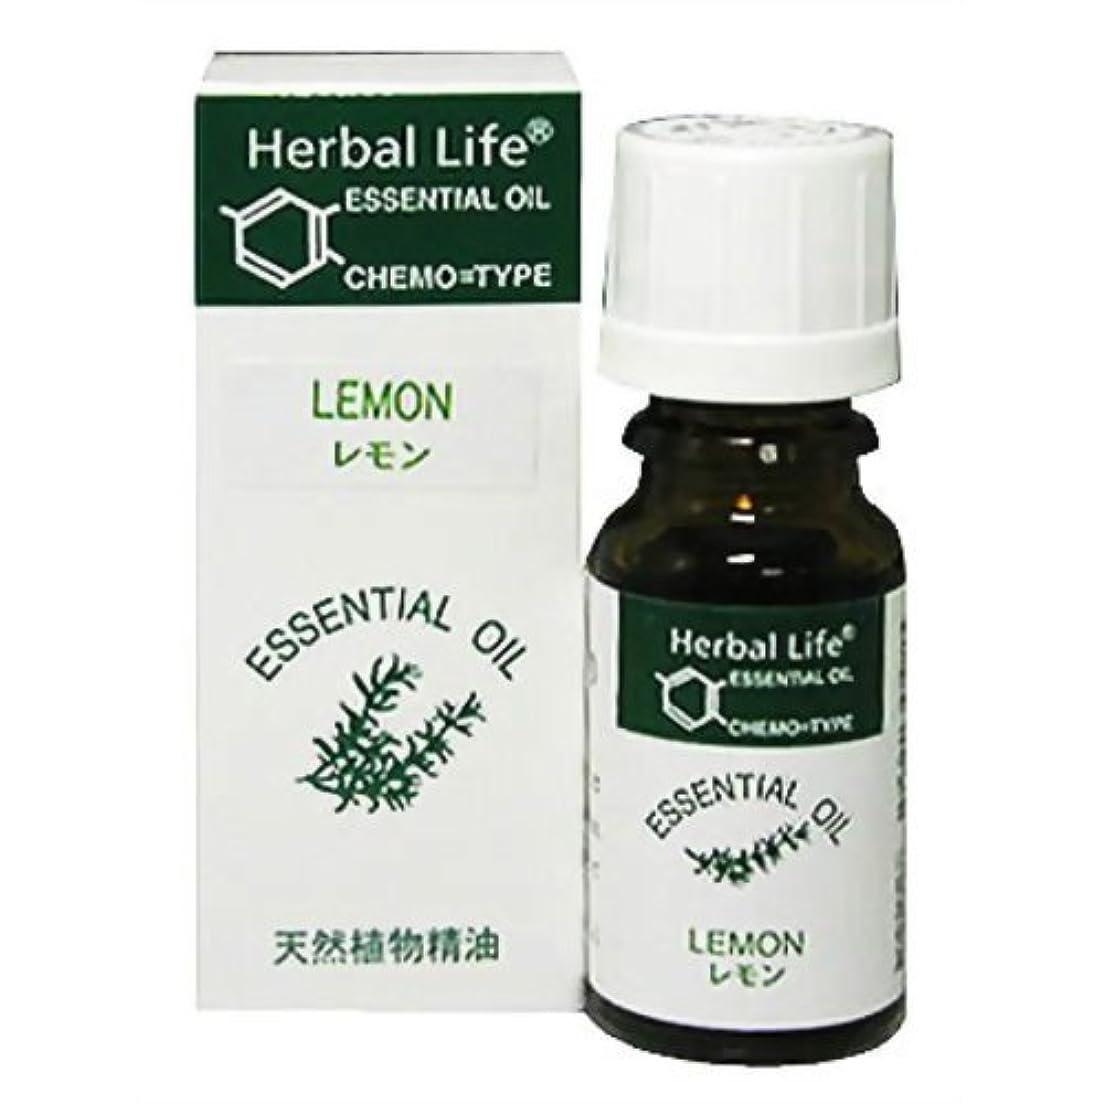 憂慮すべきこっそり従順生活の木 エッセンシャルオイル レモン 10ml